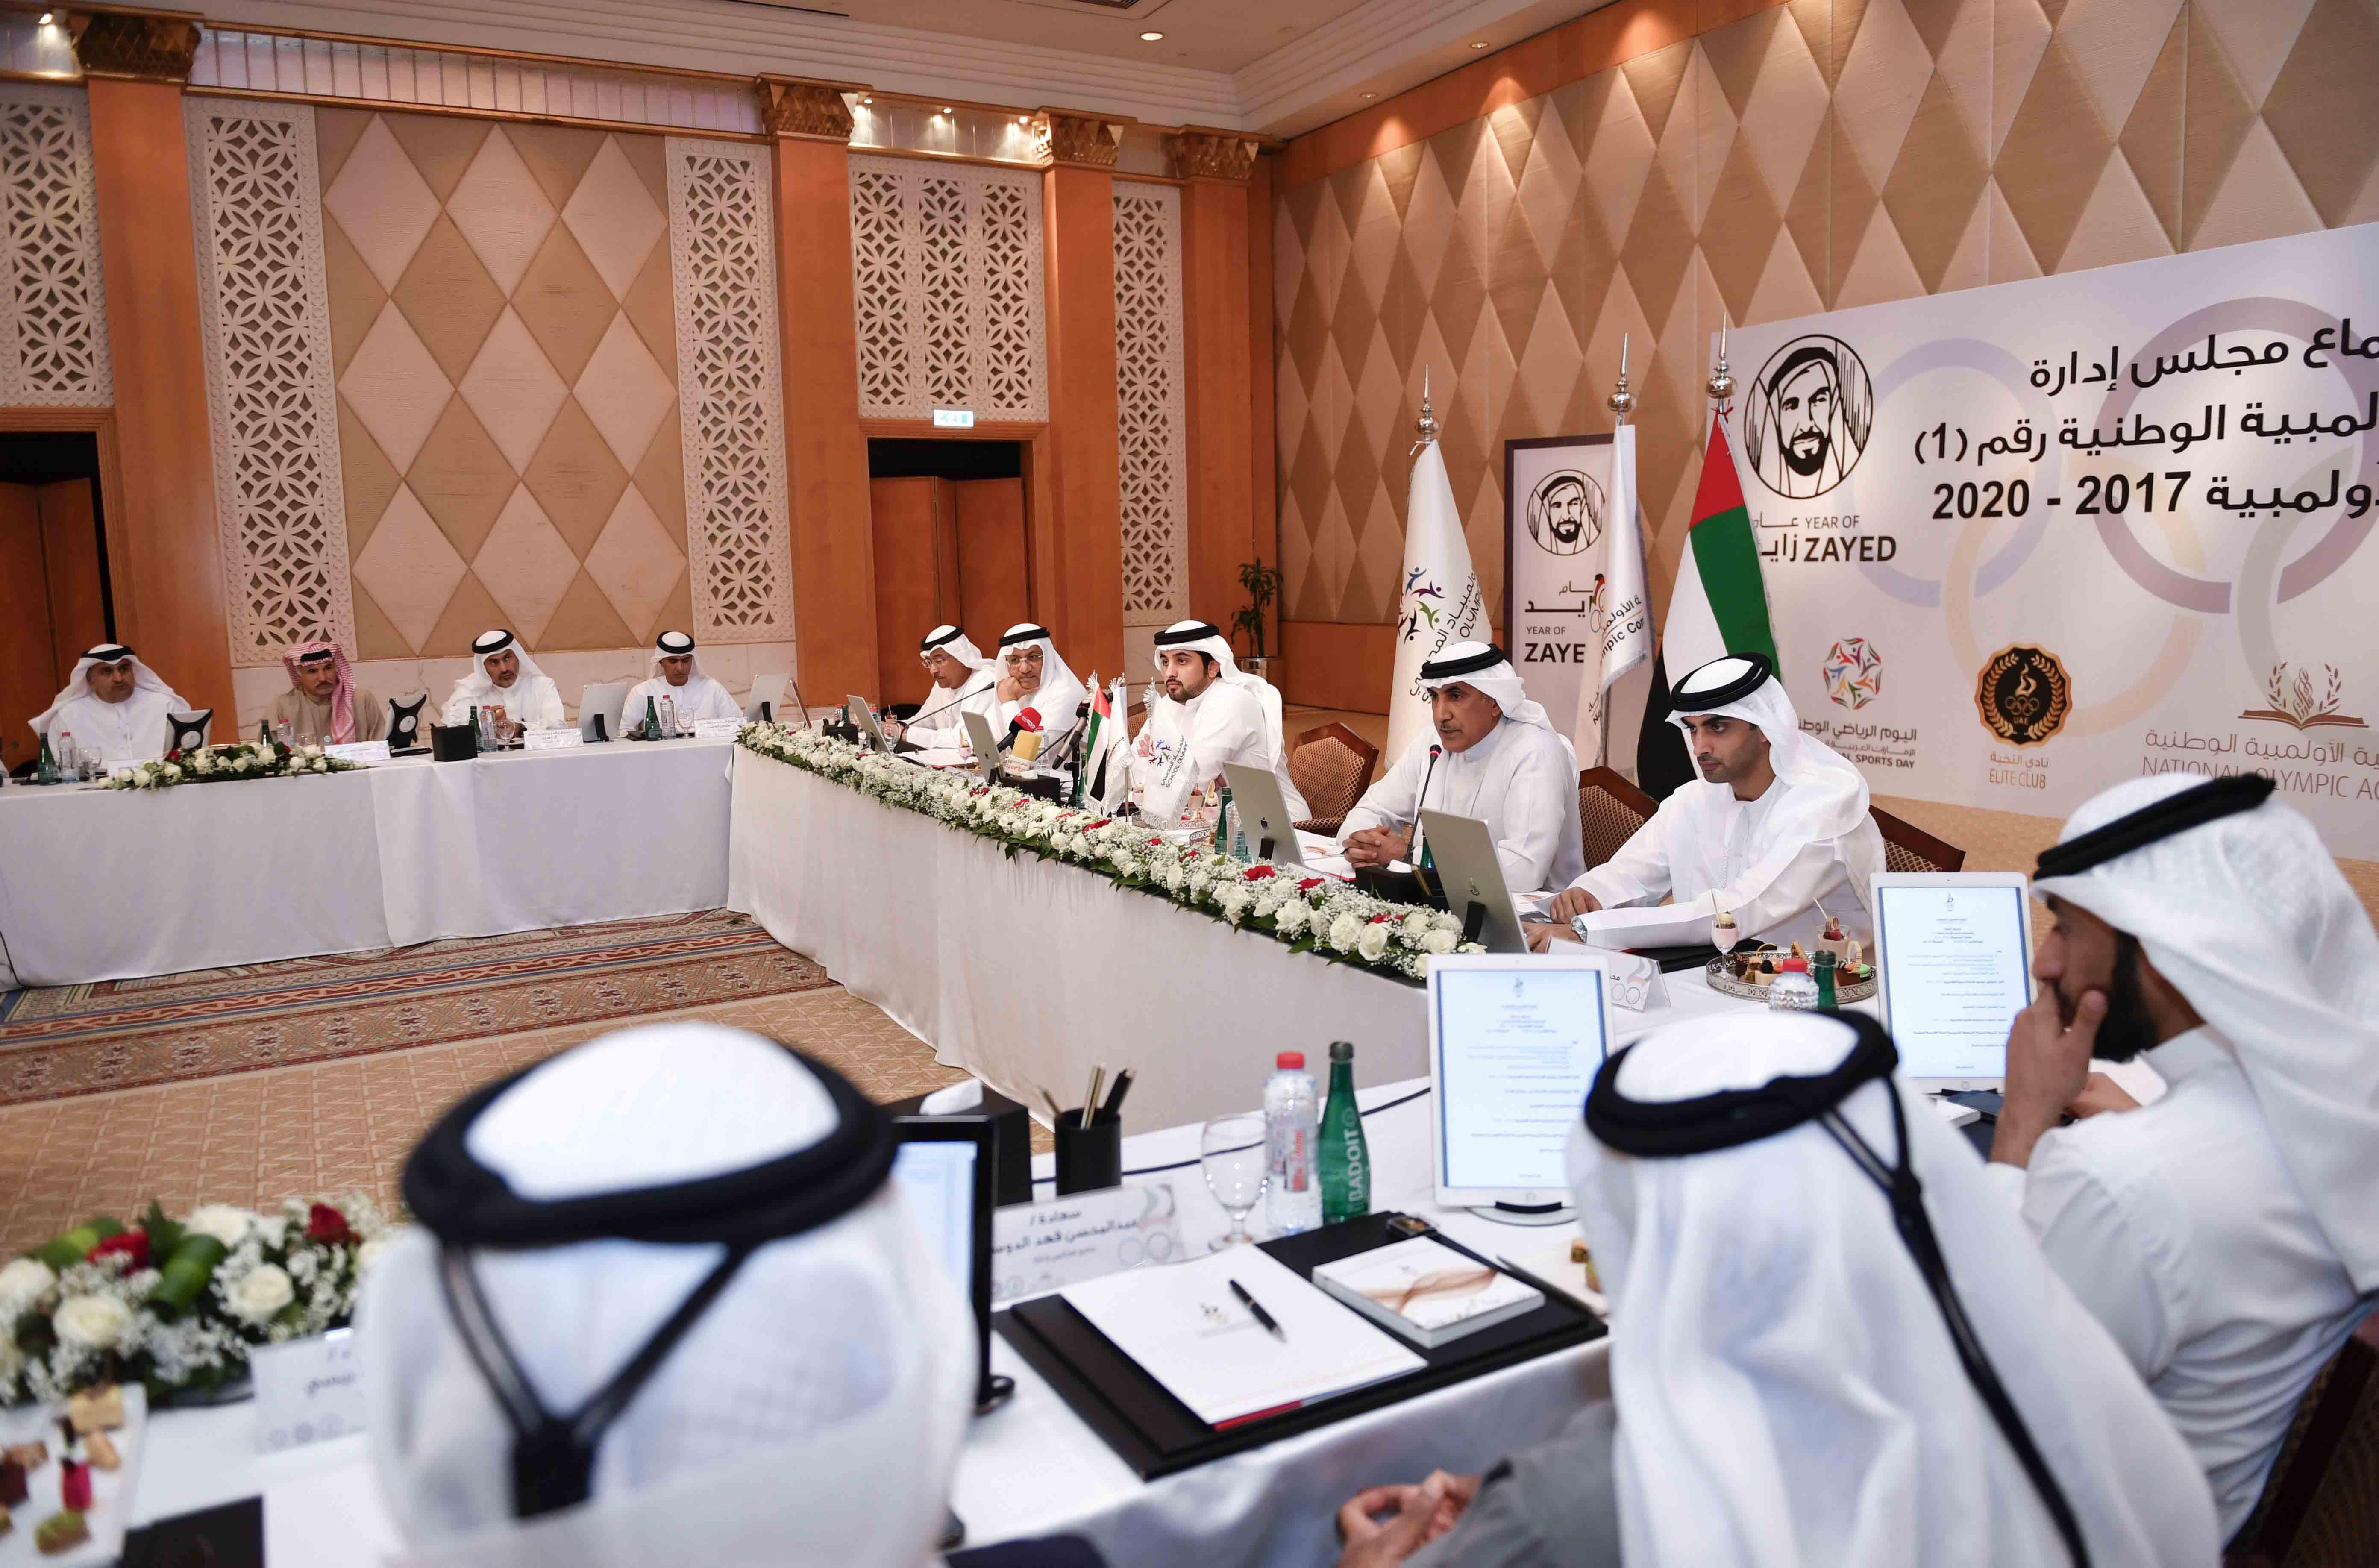 أحمد بن محمد يترأس اجتماع اللجنة الأولمبية الوطنية 2